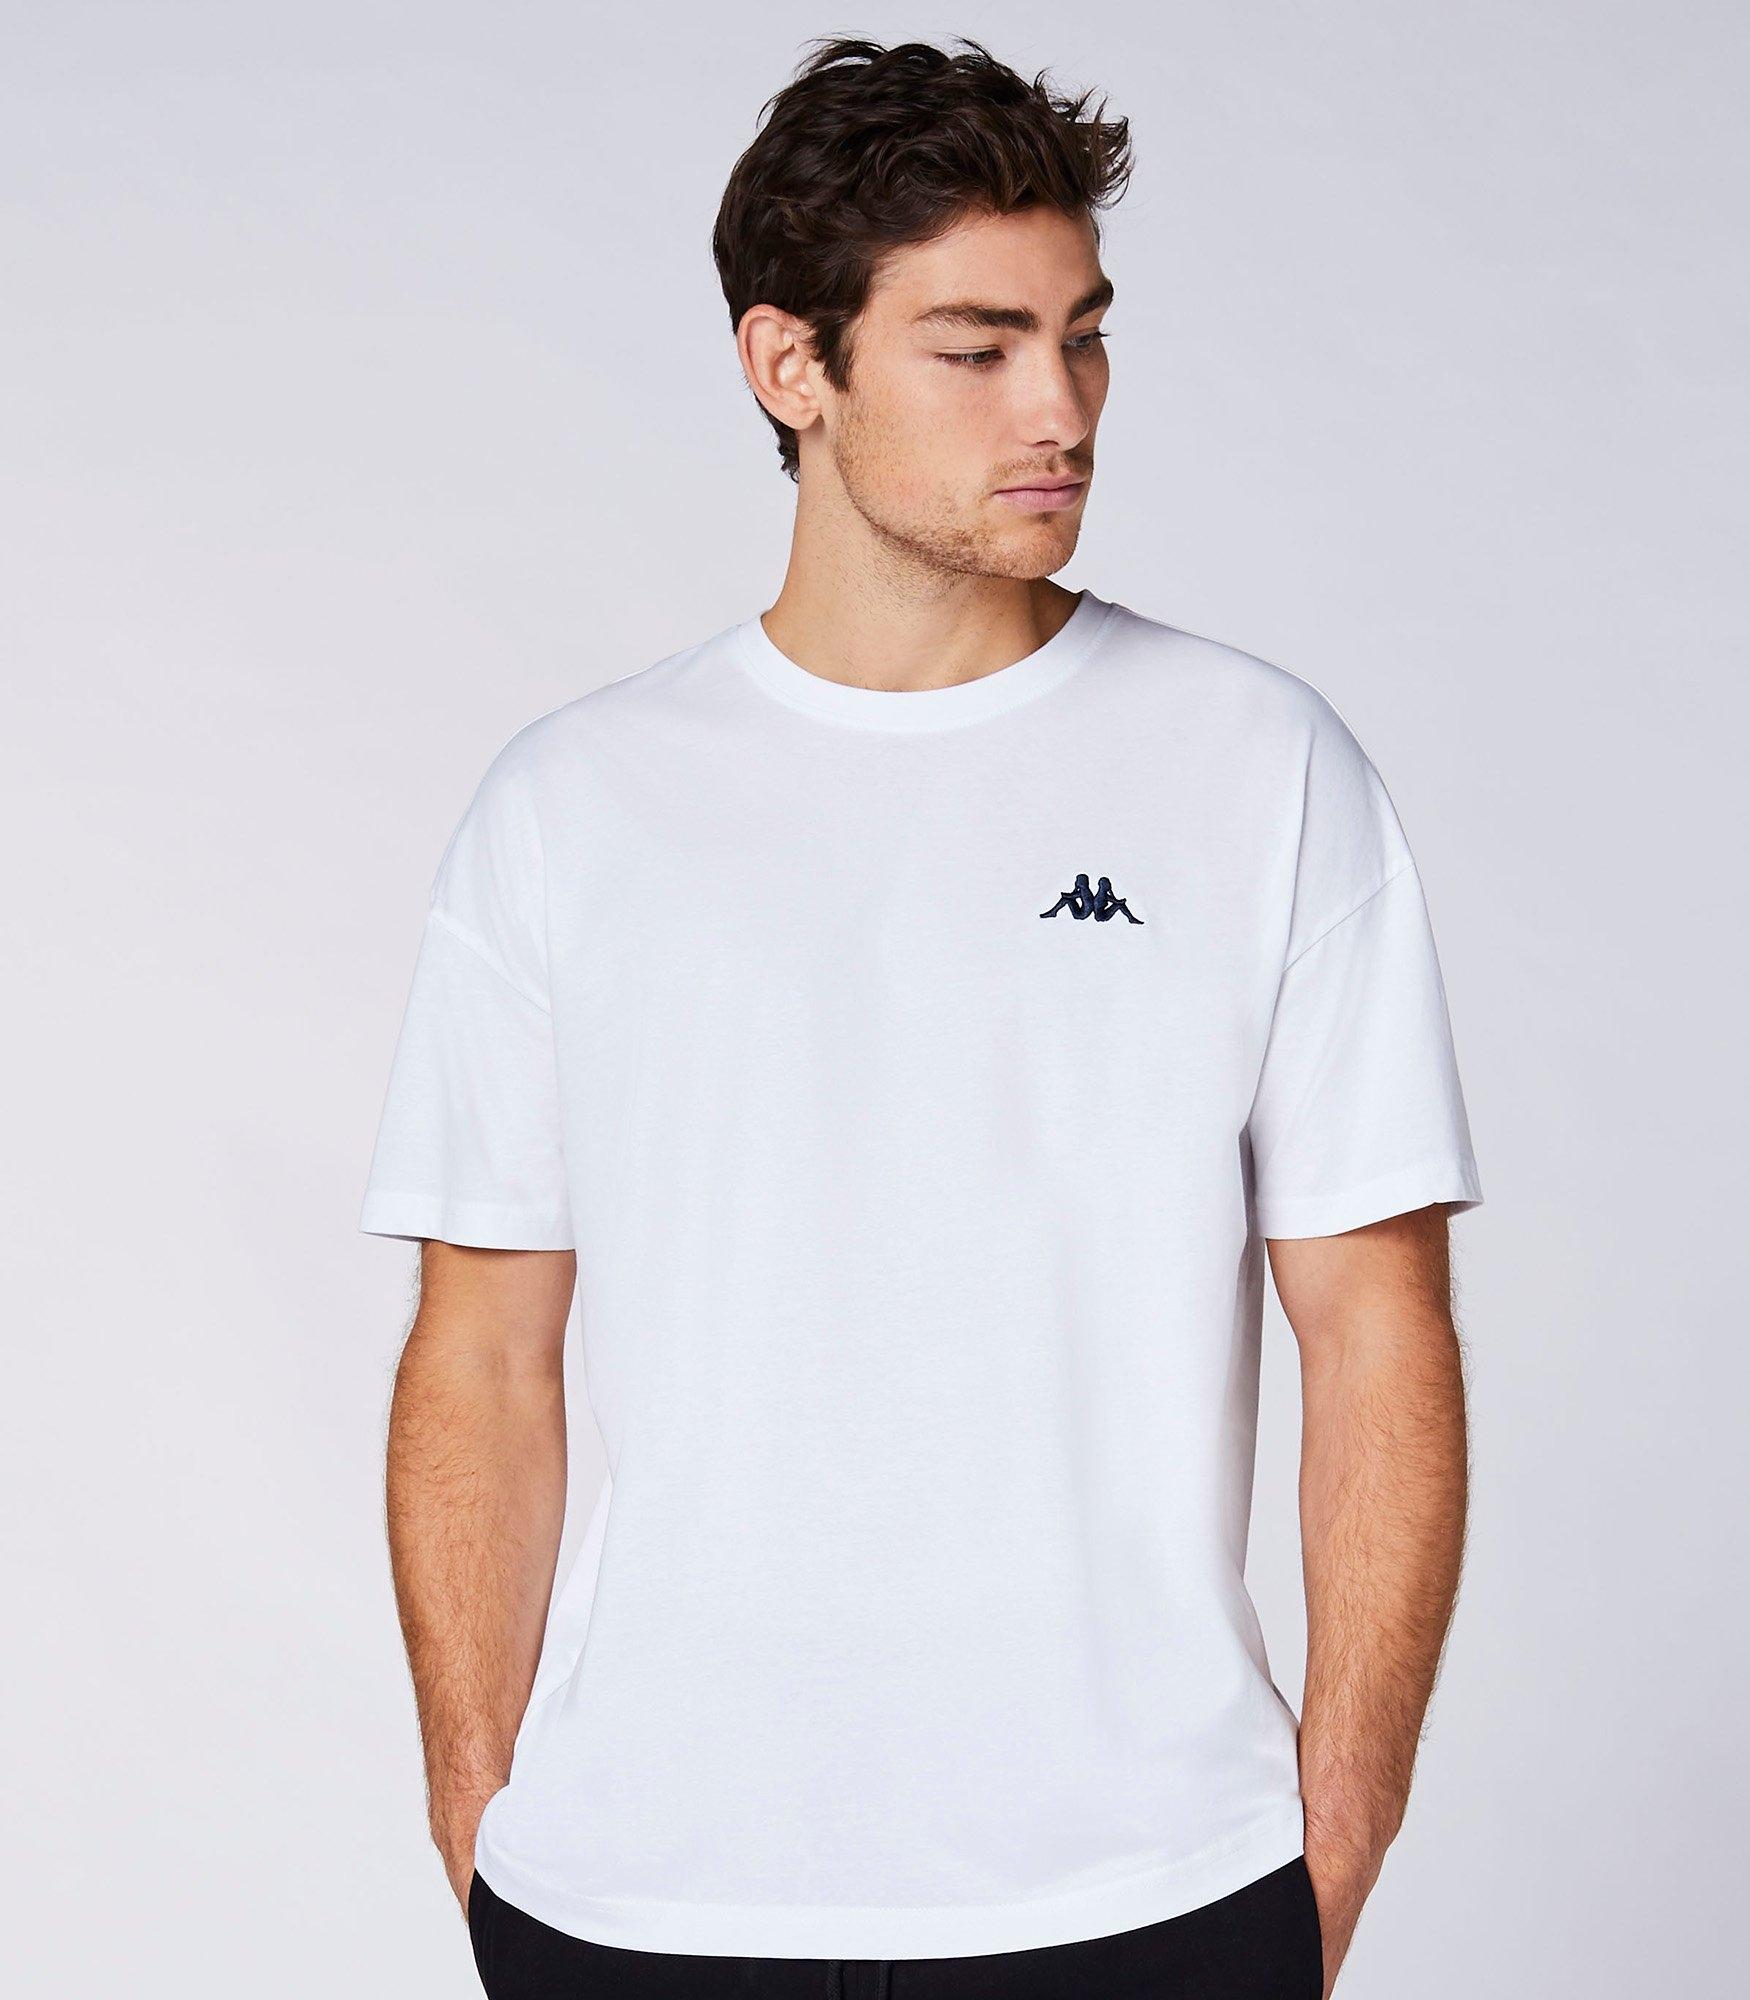 Kappa T-shirt AUTHENTIC VEER met trendy ronde hals goedkoop op otto.nl kopen